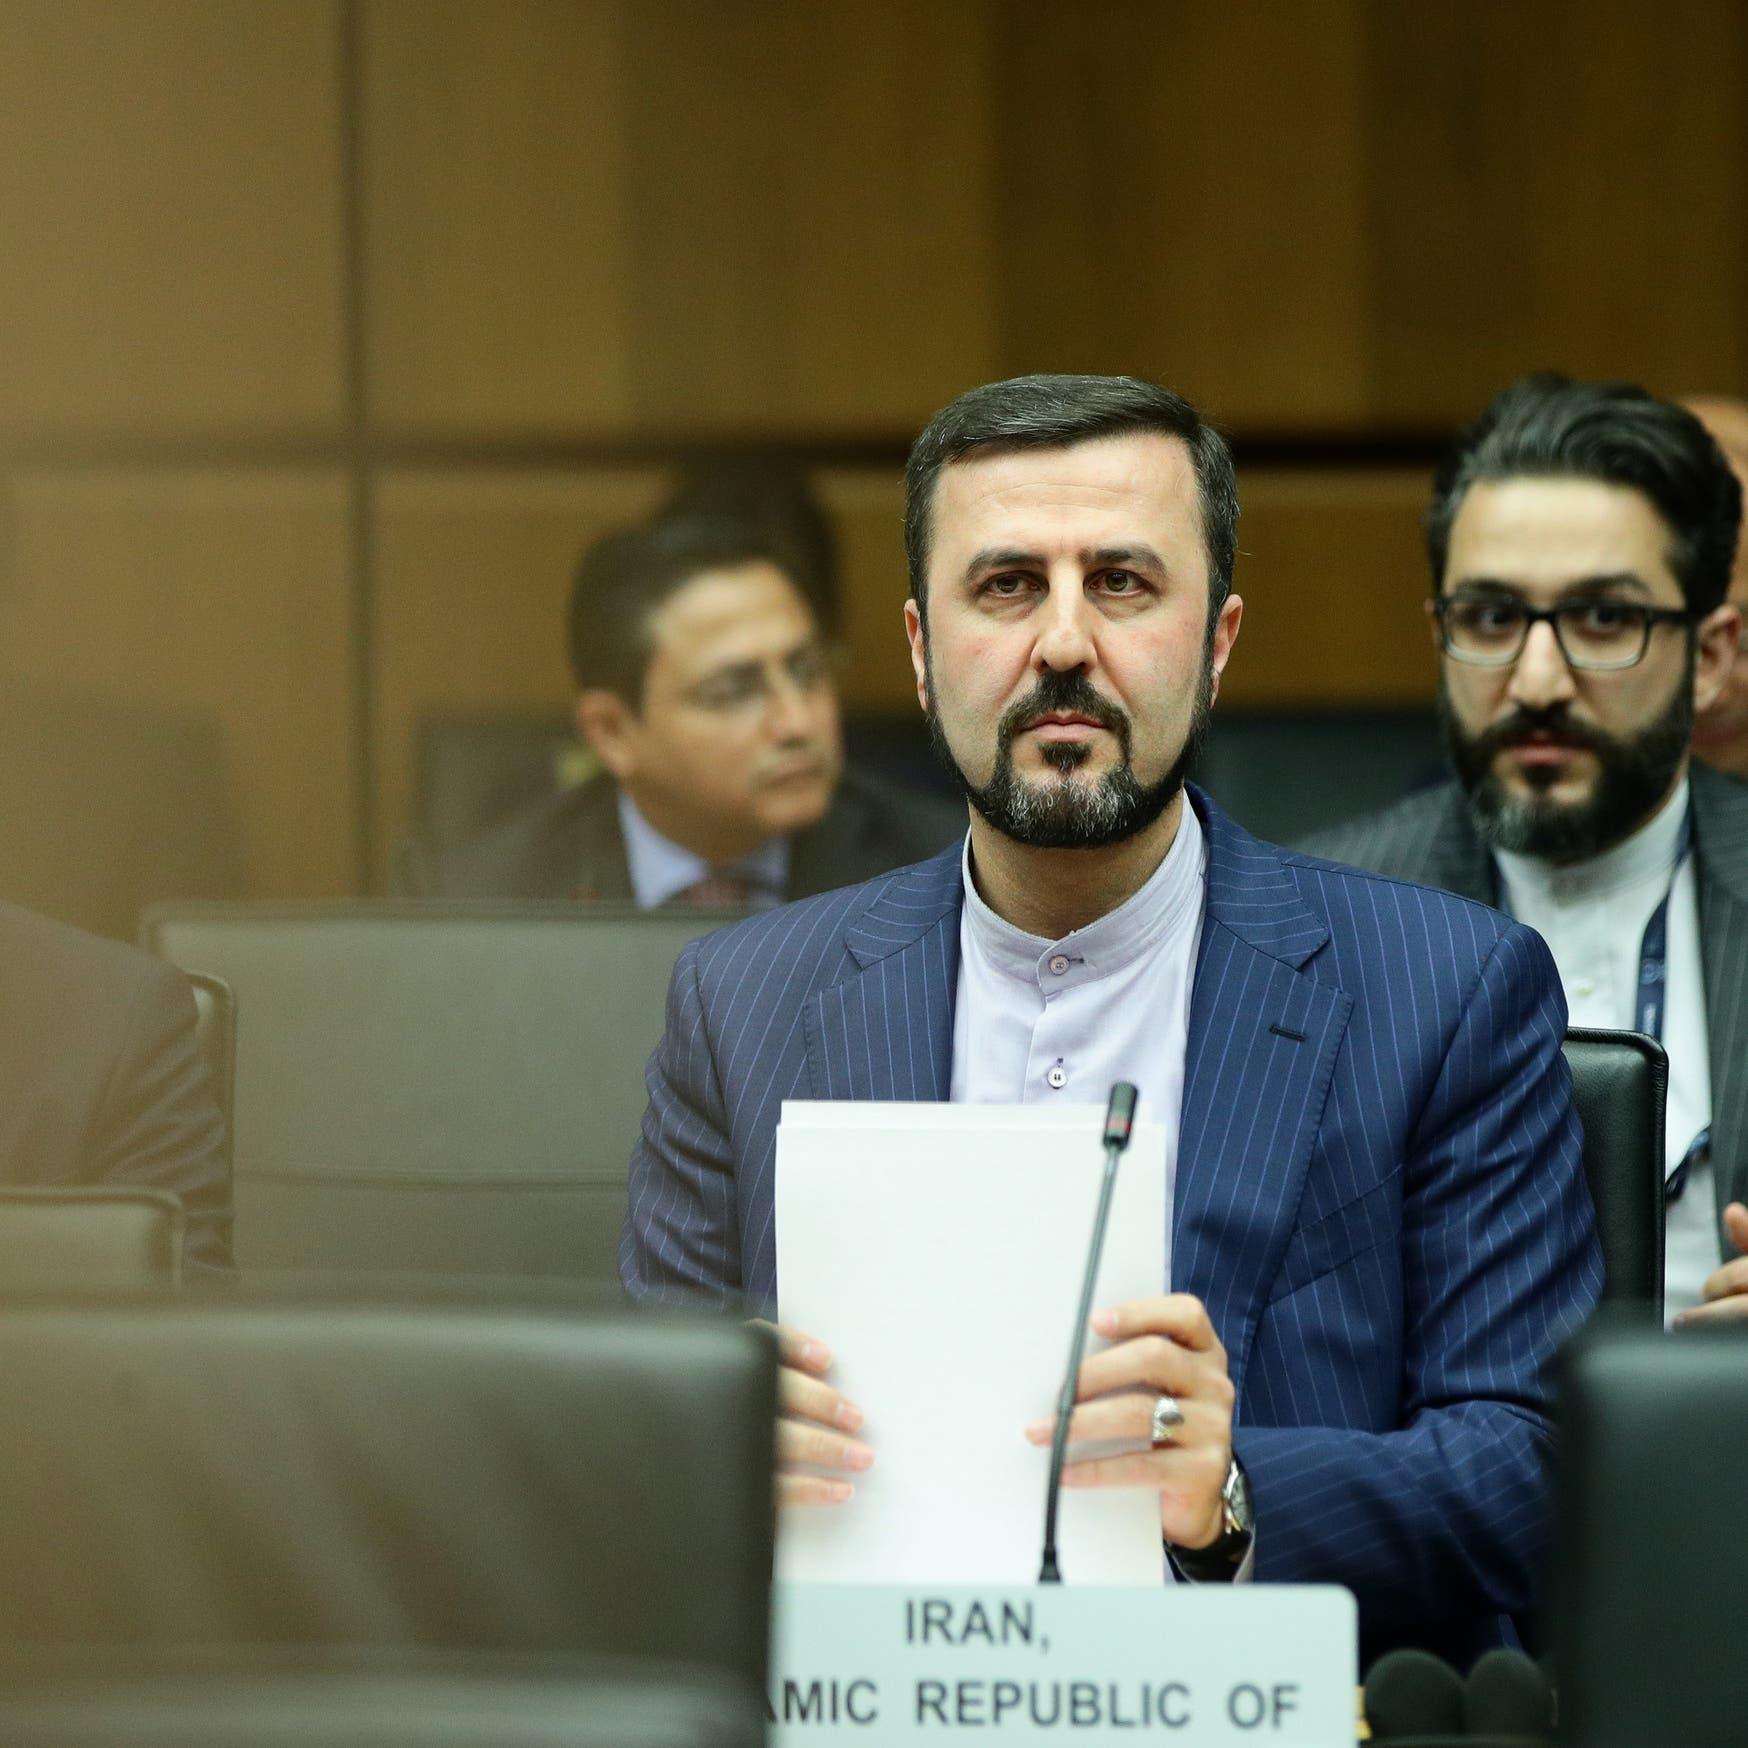 """إيران تهاجم الوكالة الذرية: """"تقريرها وهمي وغير مهني"""""""